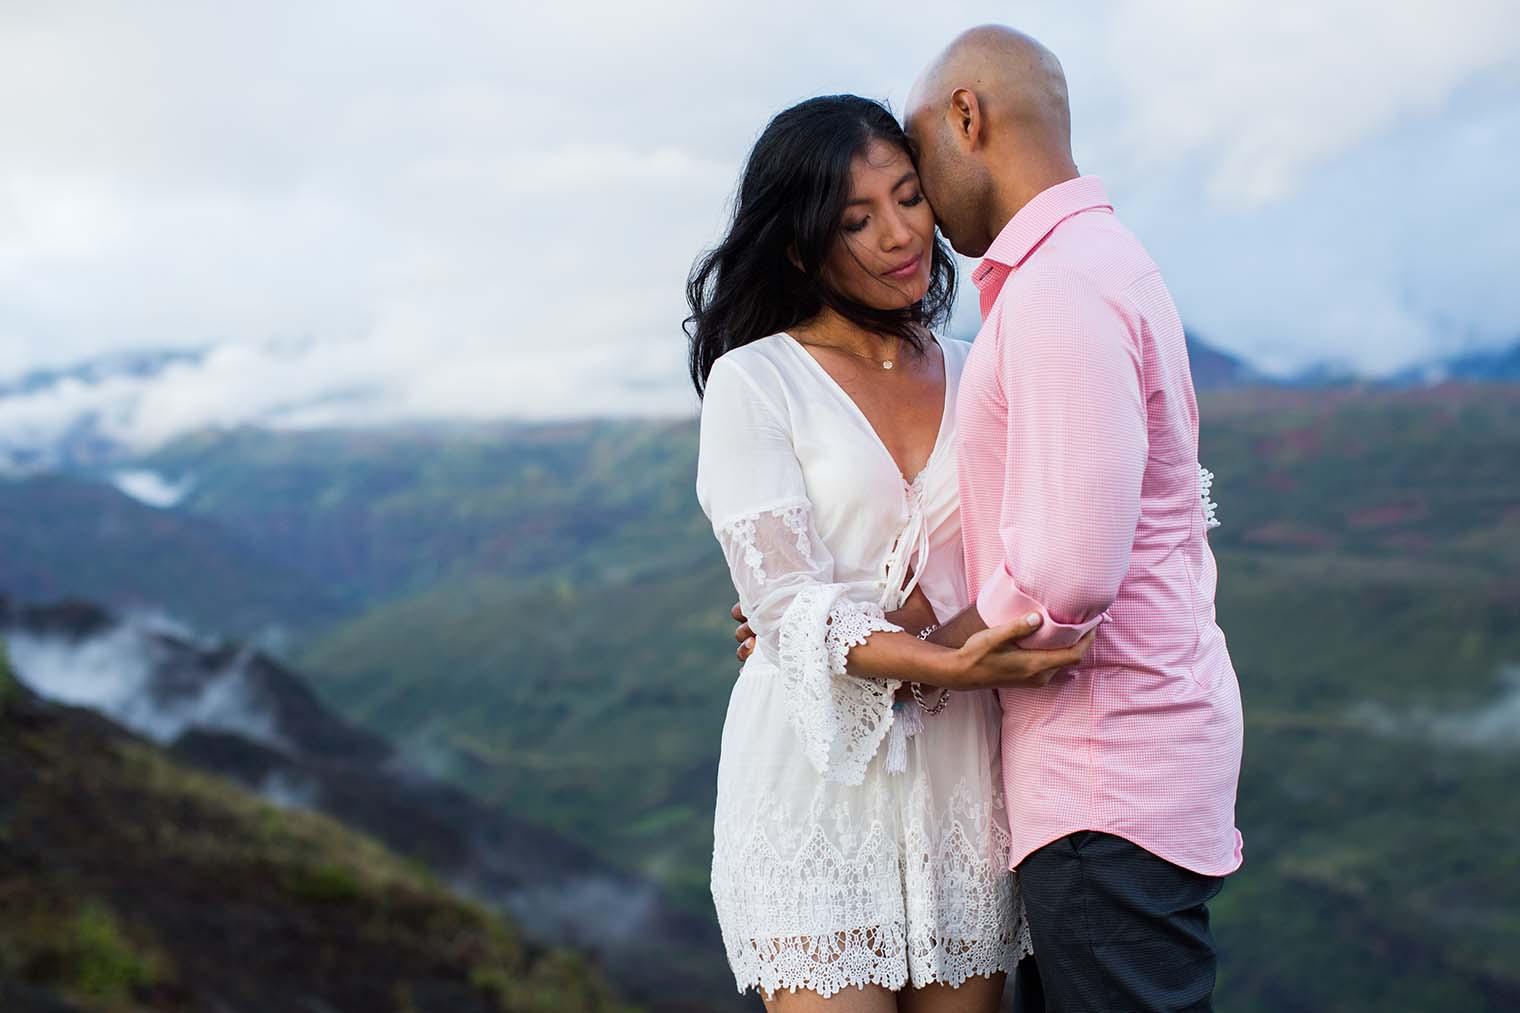 Engagement Photos at Waimea Canyon Kauai Hawaii